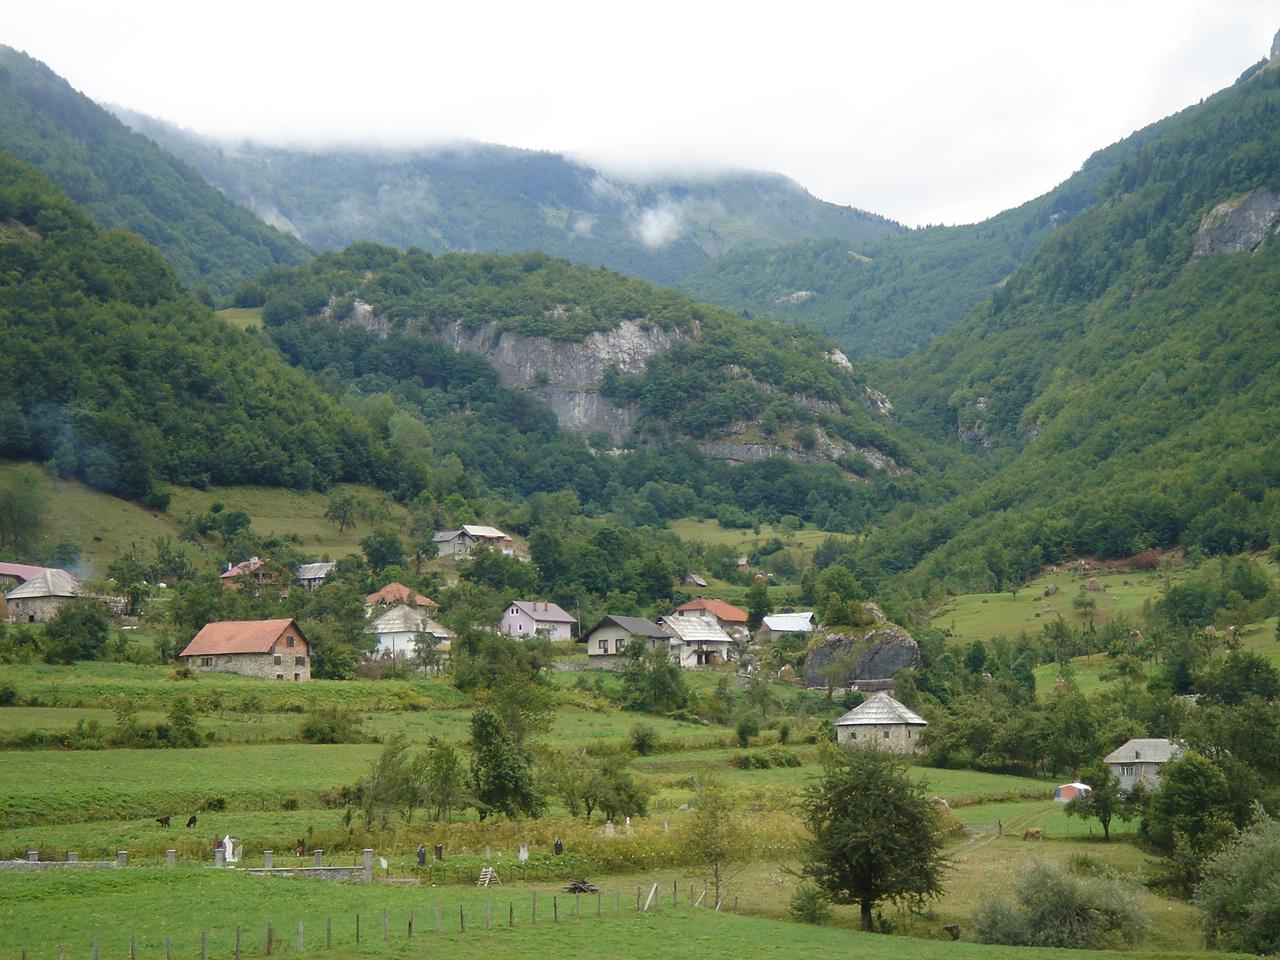 Fotografi te ndryshme nga Natyra e bukur Shqiptare... 3126067466_a06ae01904_o